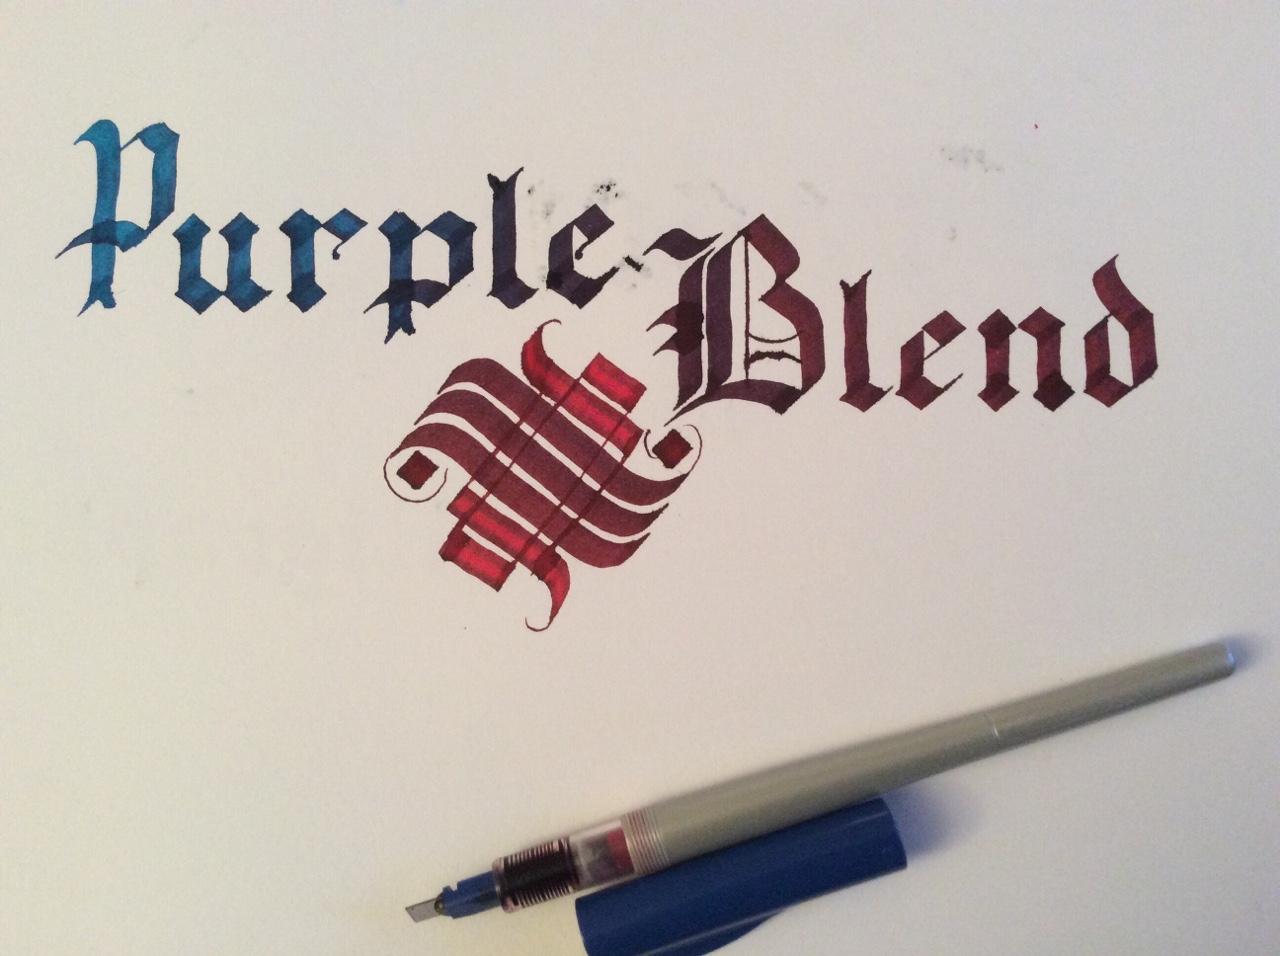 Caligrafía degradado colores o blending con Parallel Pen